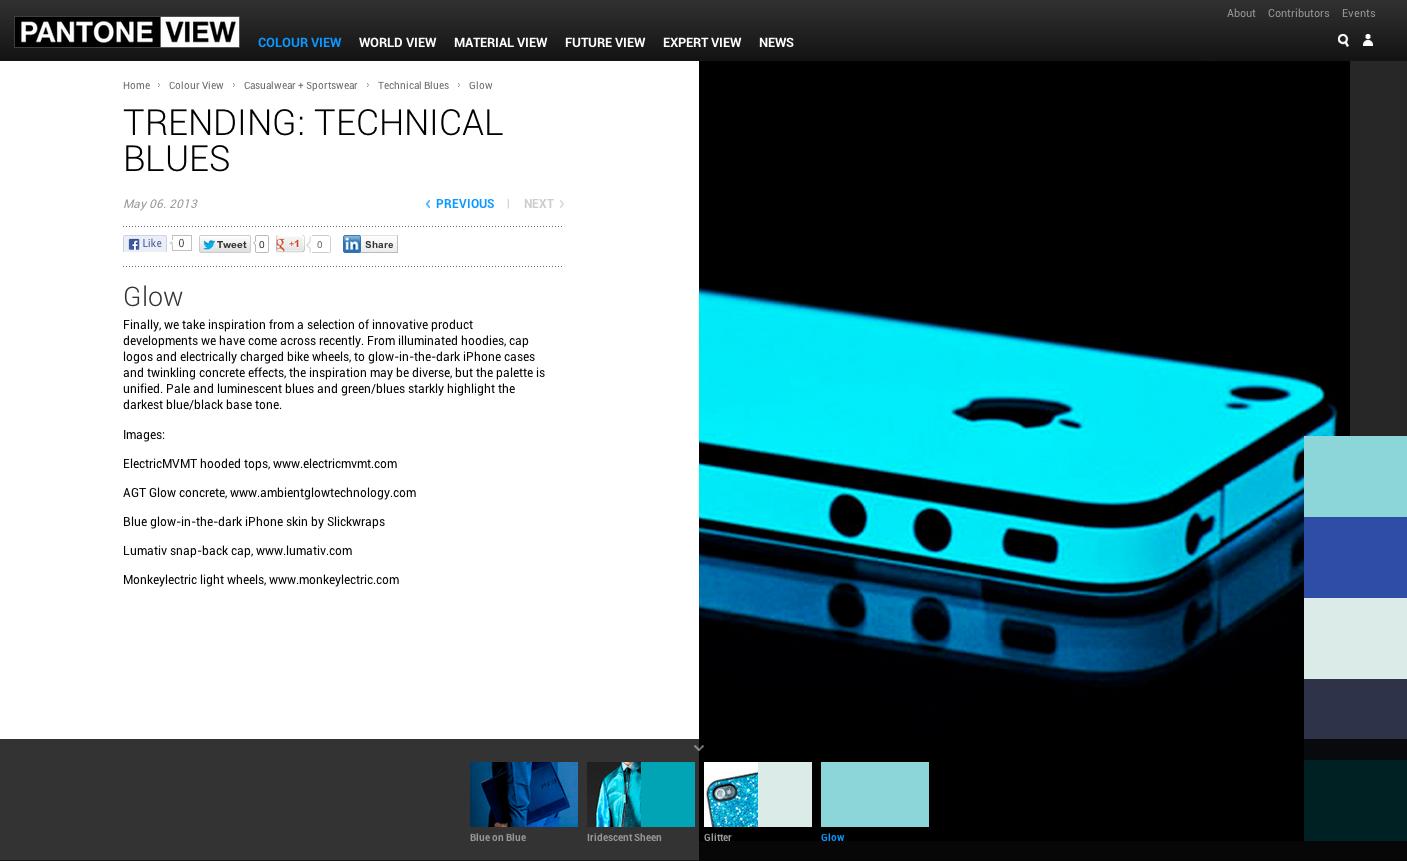 Screen Shot 2013-06-04 at 13.31.13.png